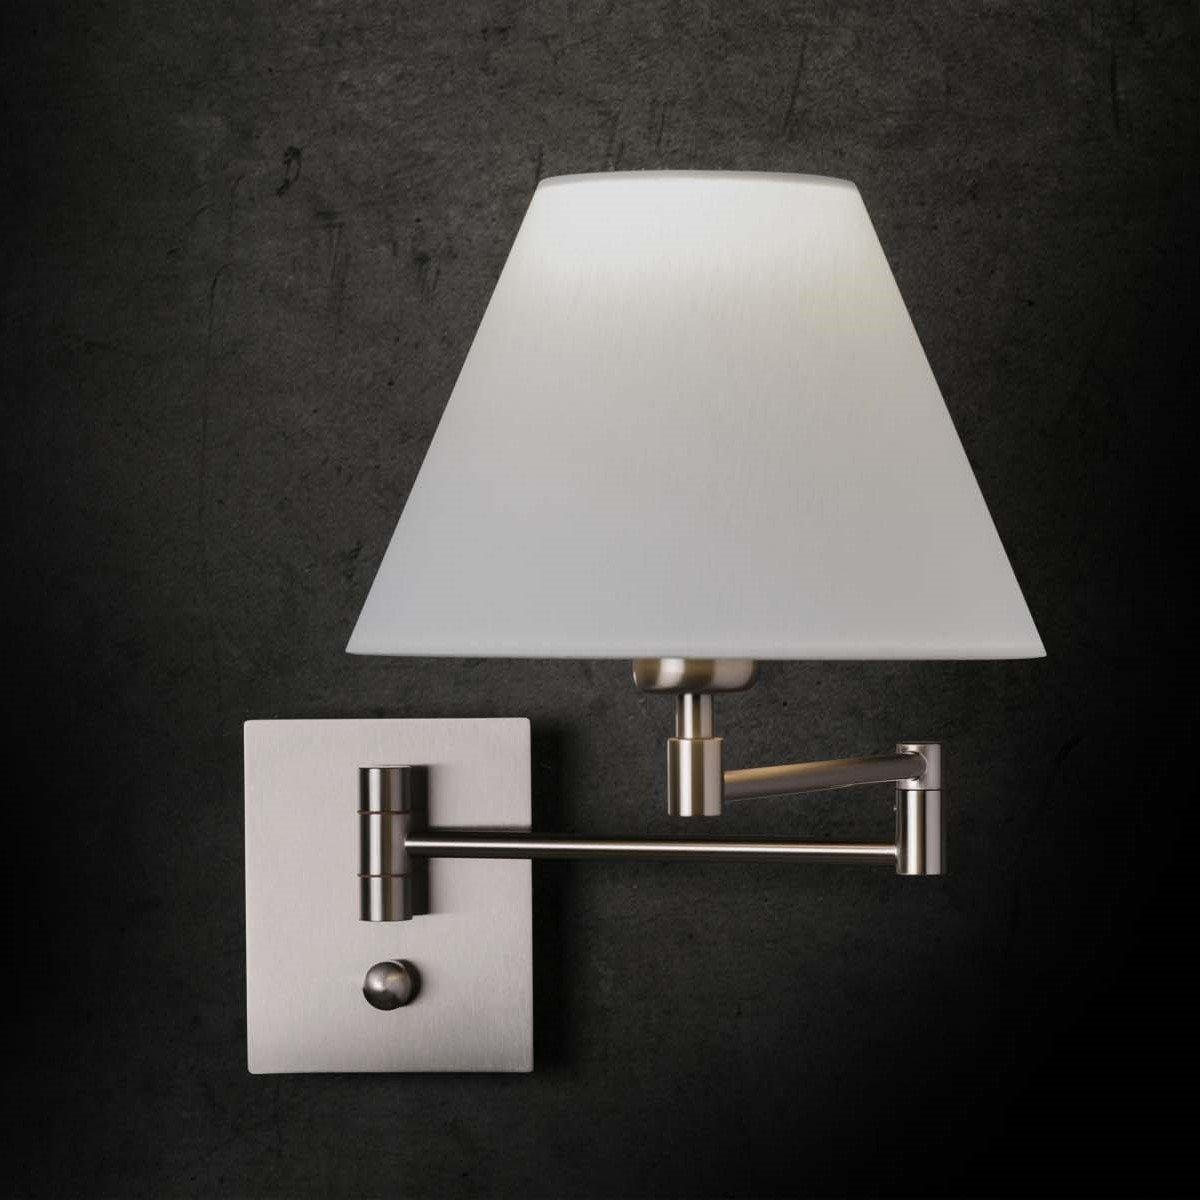 Koltkoetter lamp